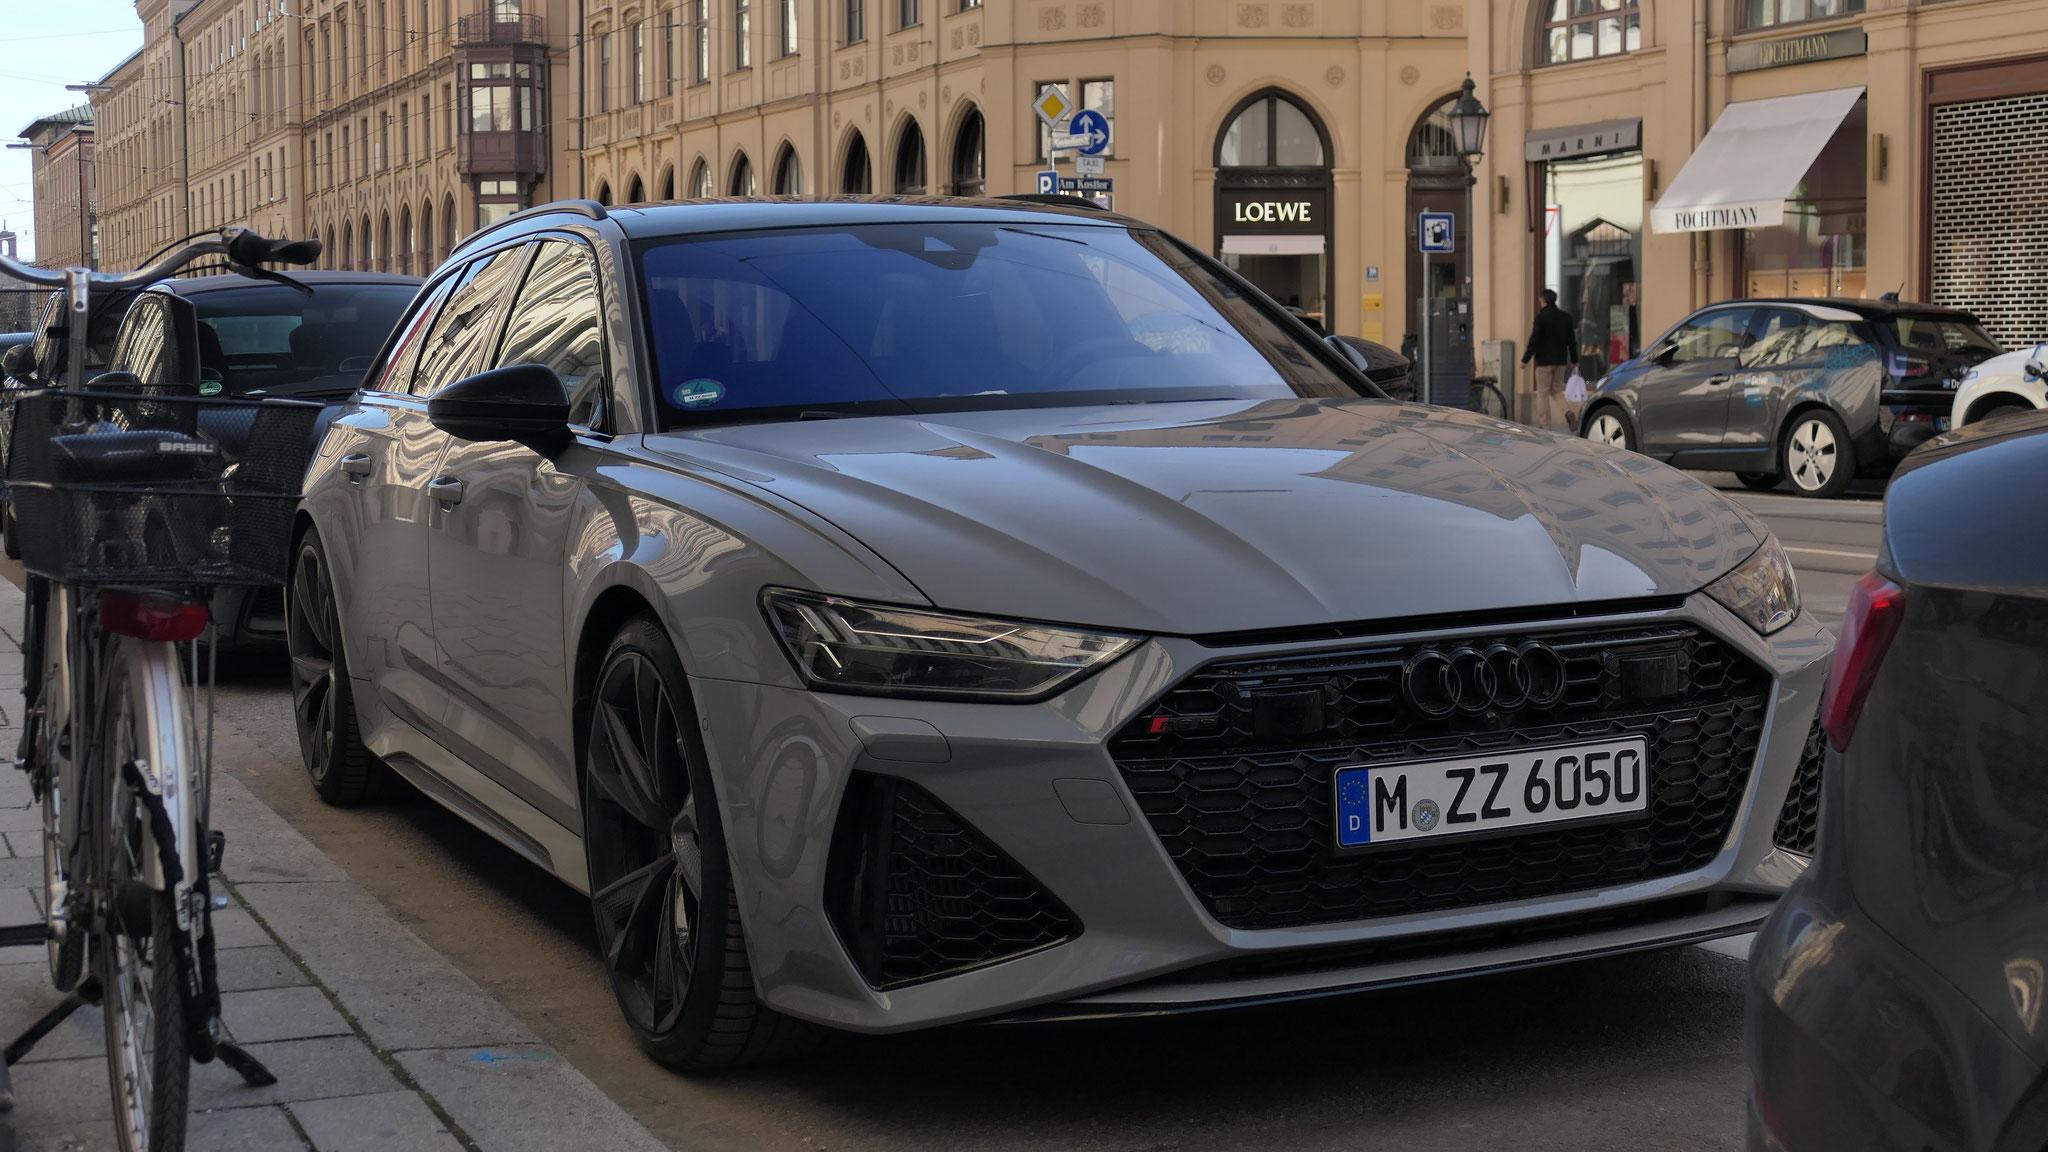 Audi RS6 - M-ZZ-6050